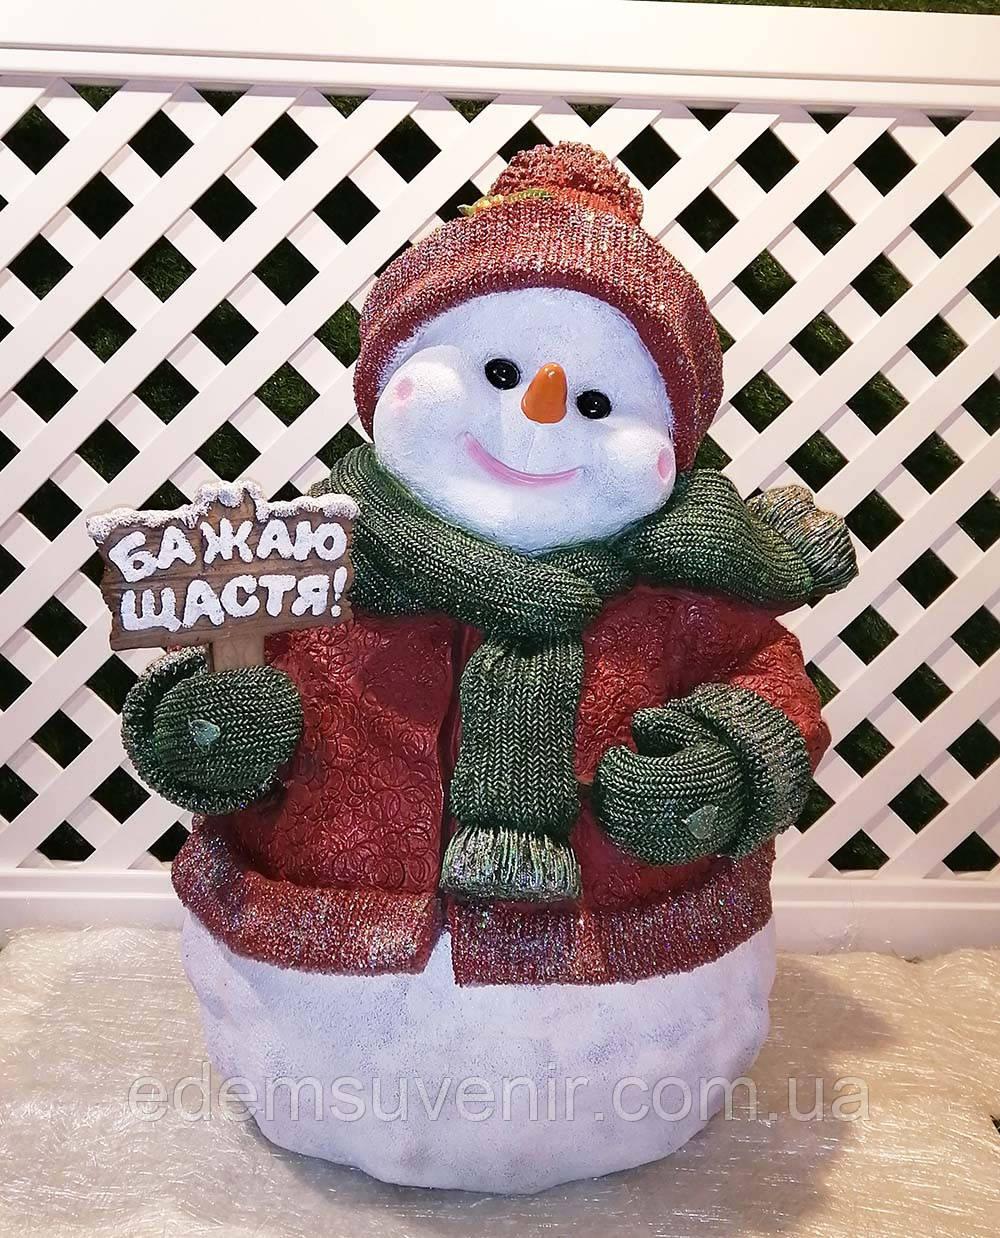 """Новорічна садова фігура Сніговик з табличкою """"Бажаю щастя!"""" великої"""